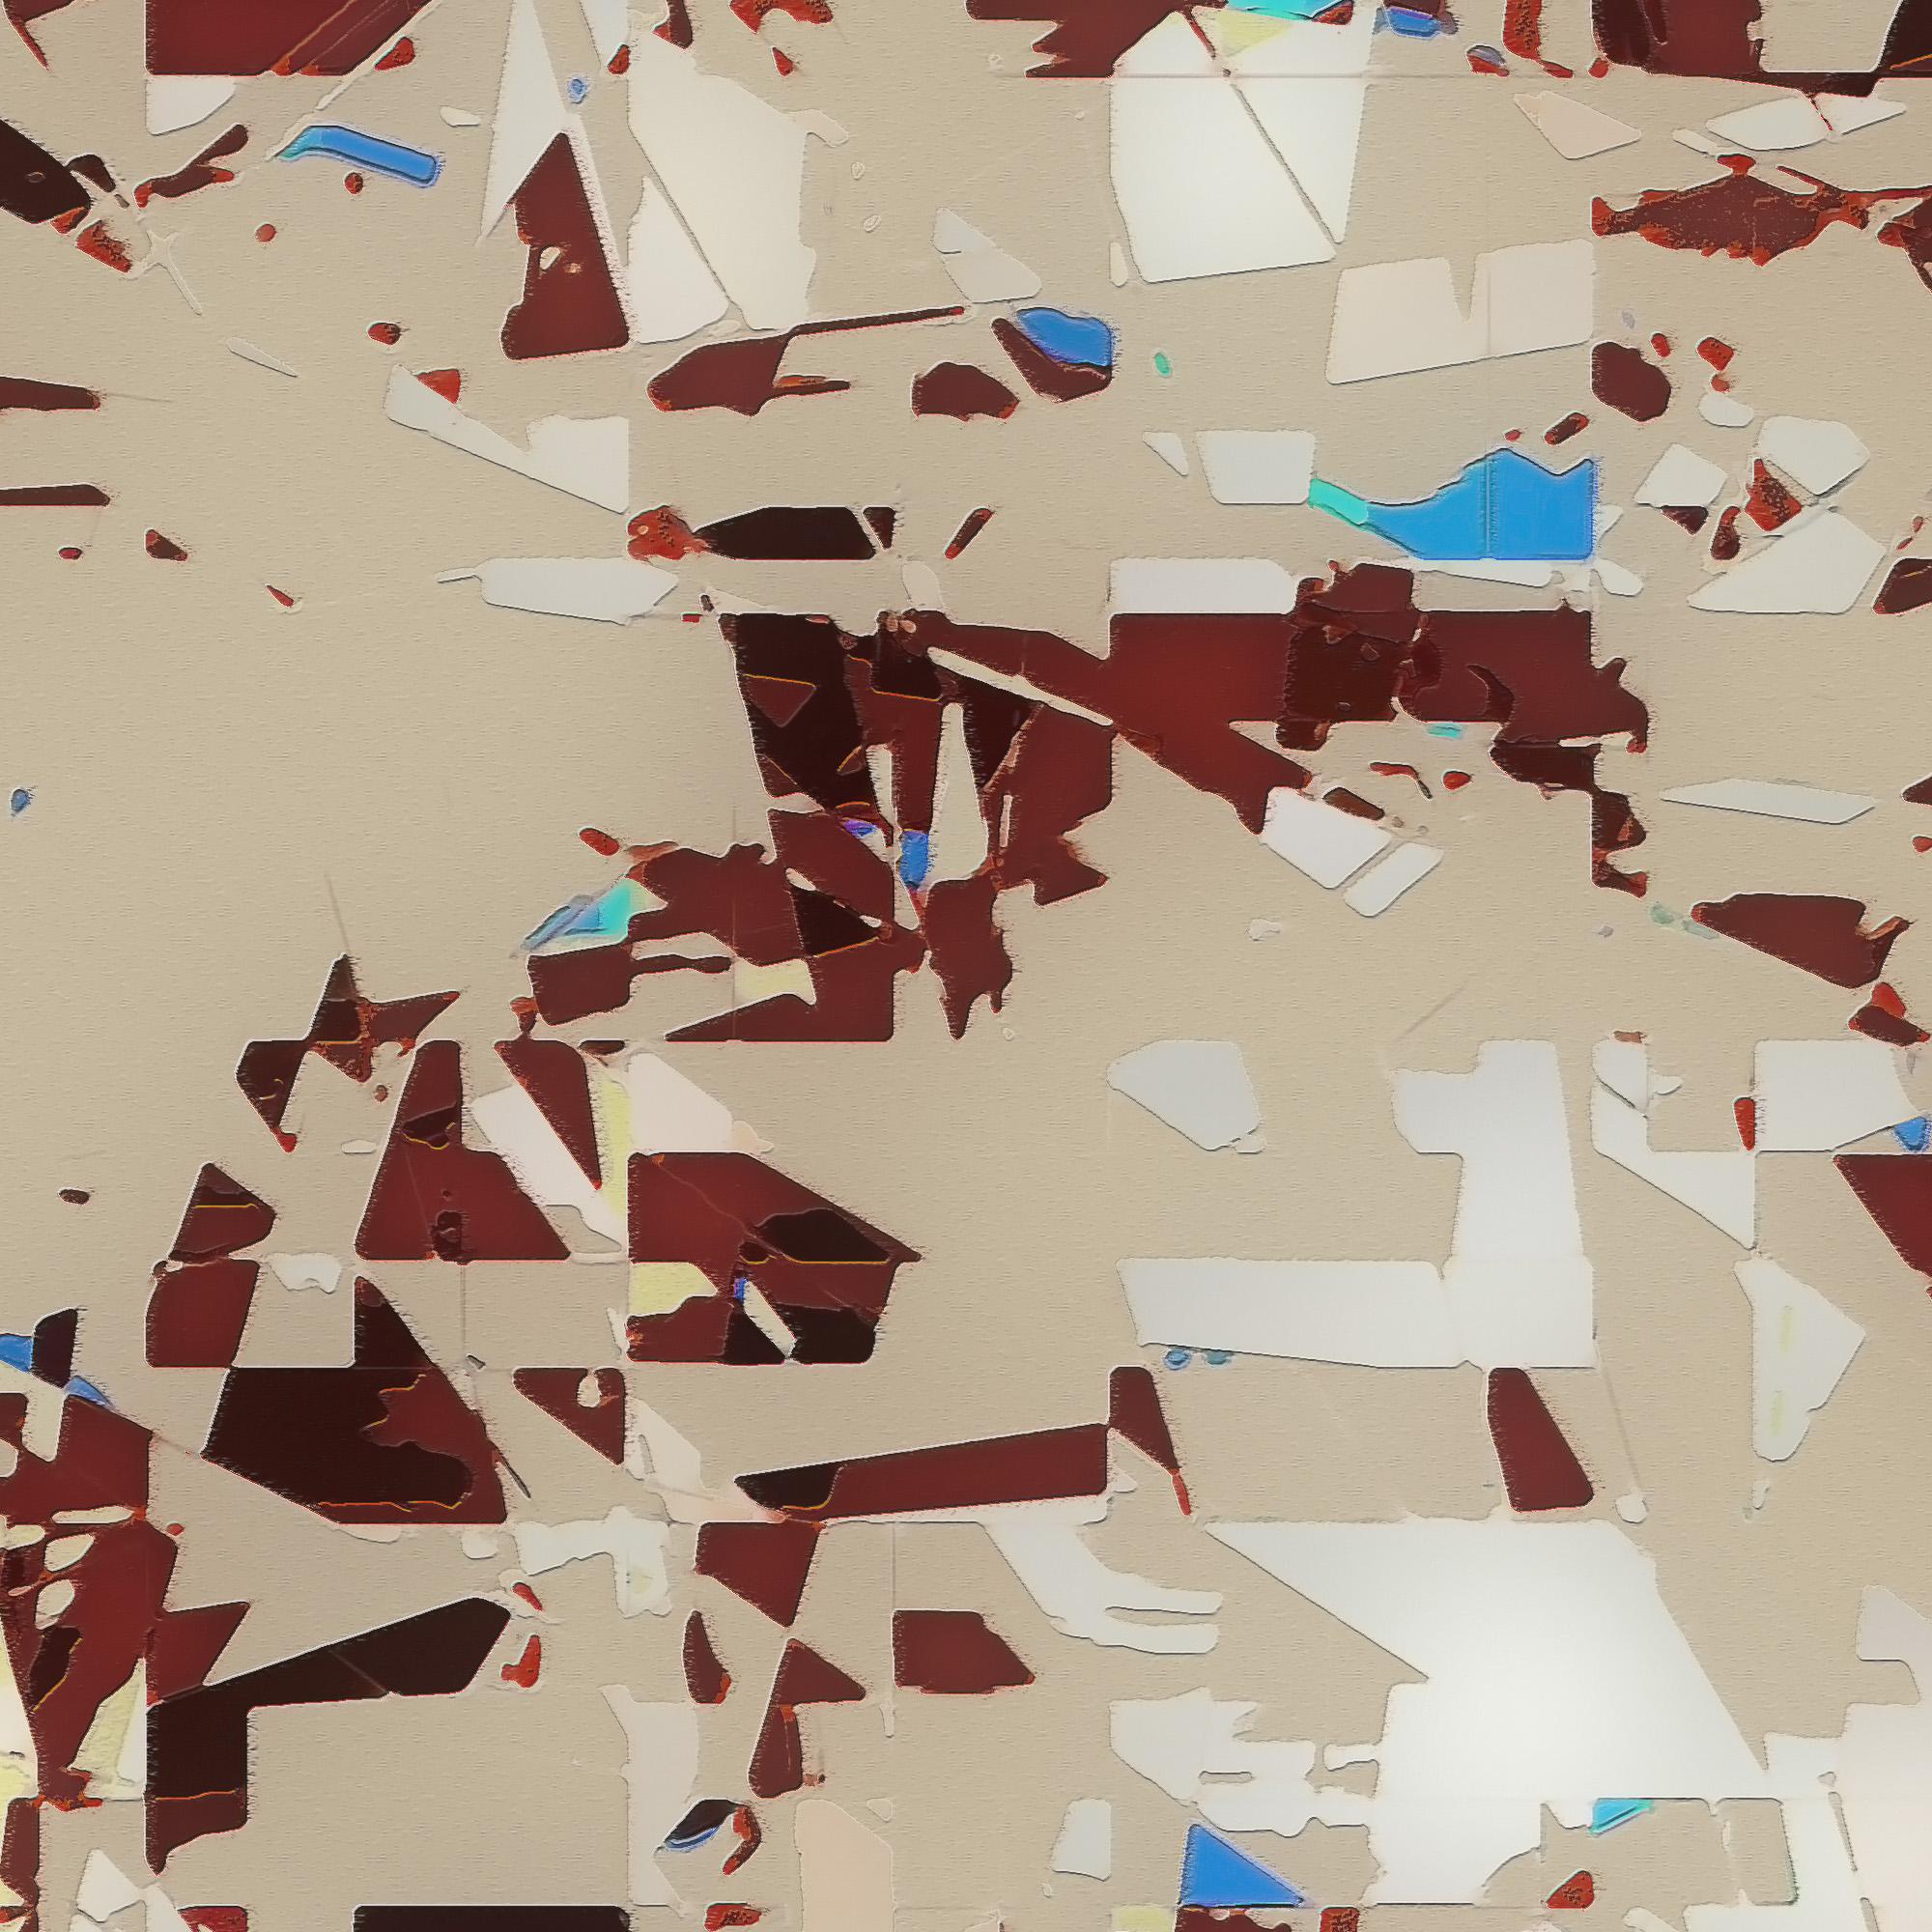 190502_Star_Dust_detail3.jpg